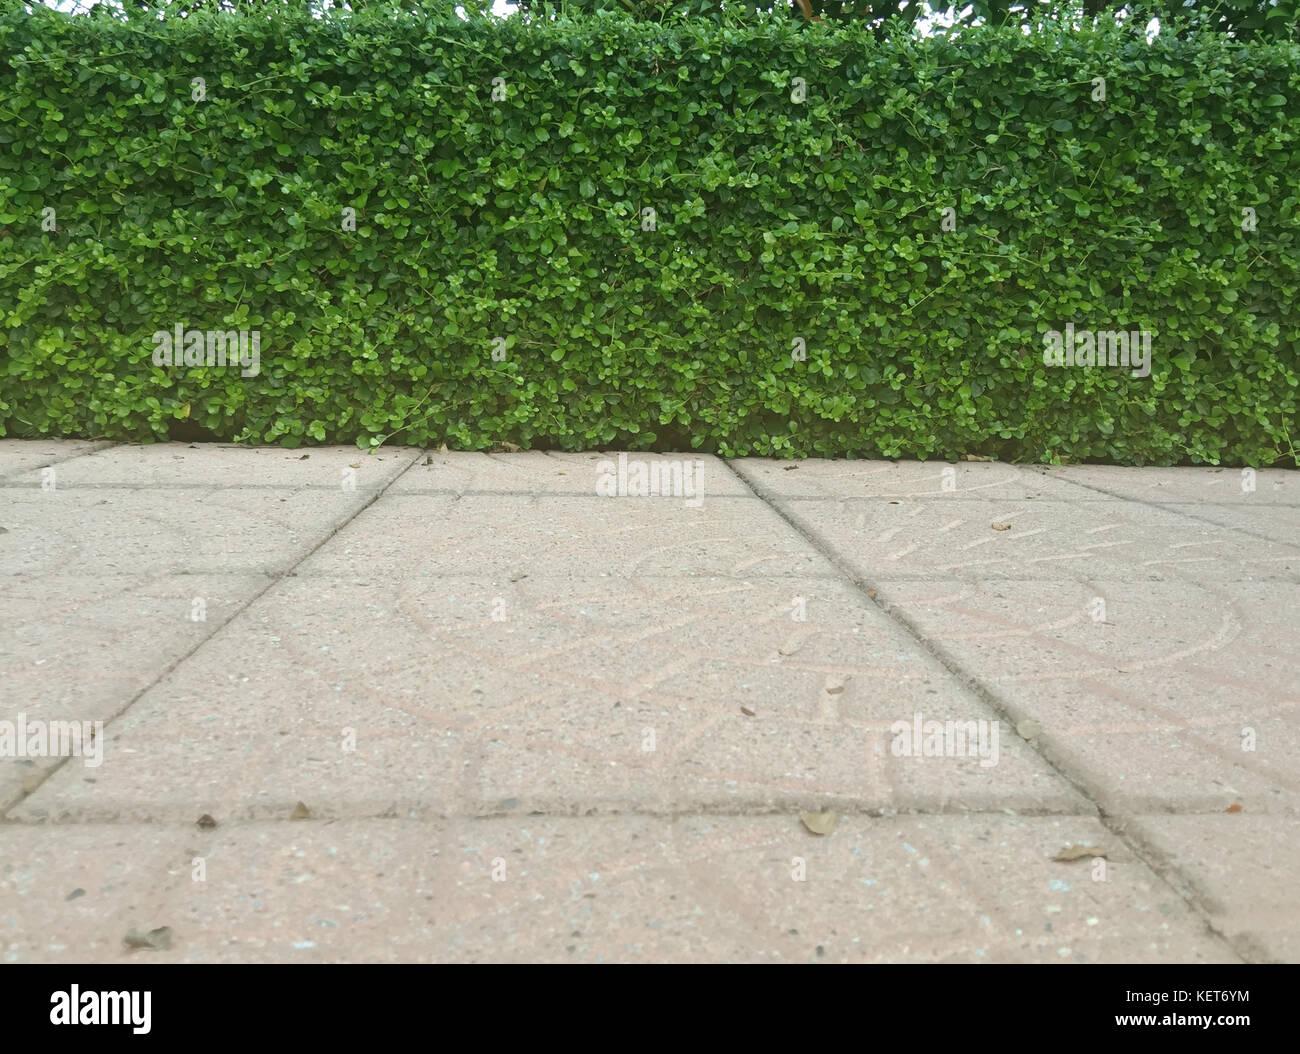 Muro De Pie Y Hojas Verdes Y Suelos Y Plantas De Jardín En